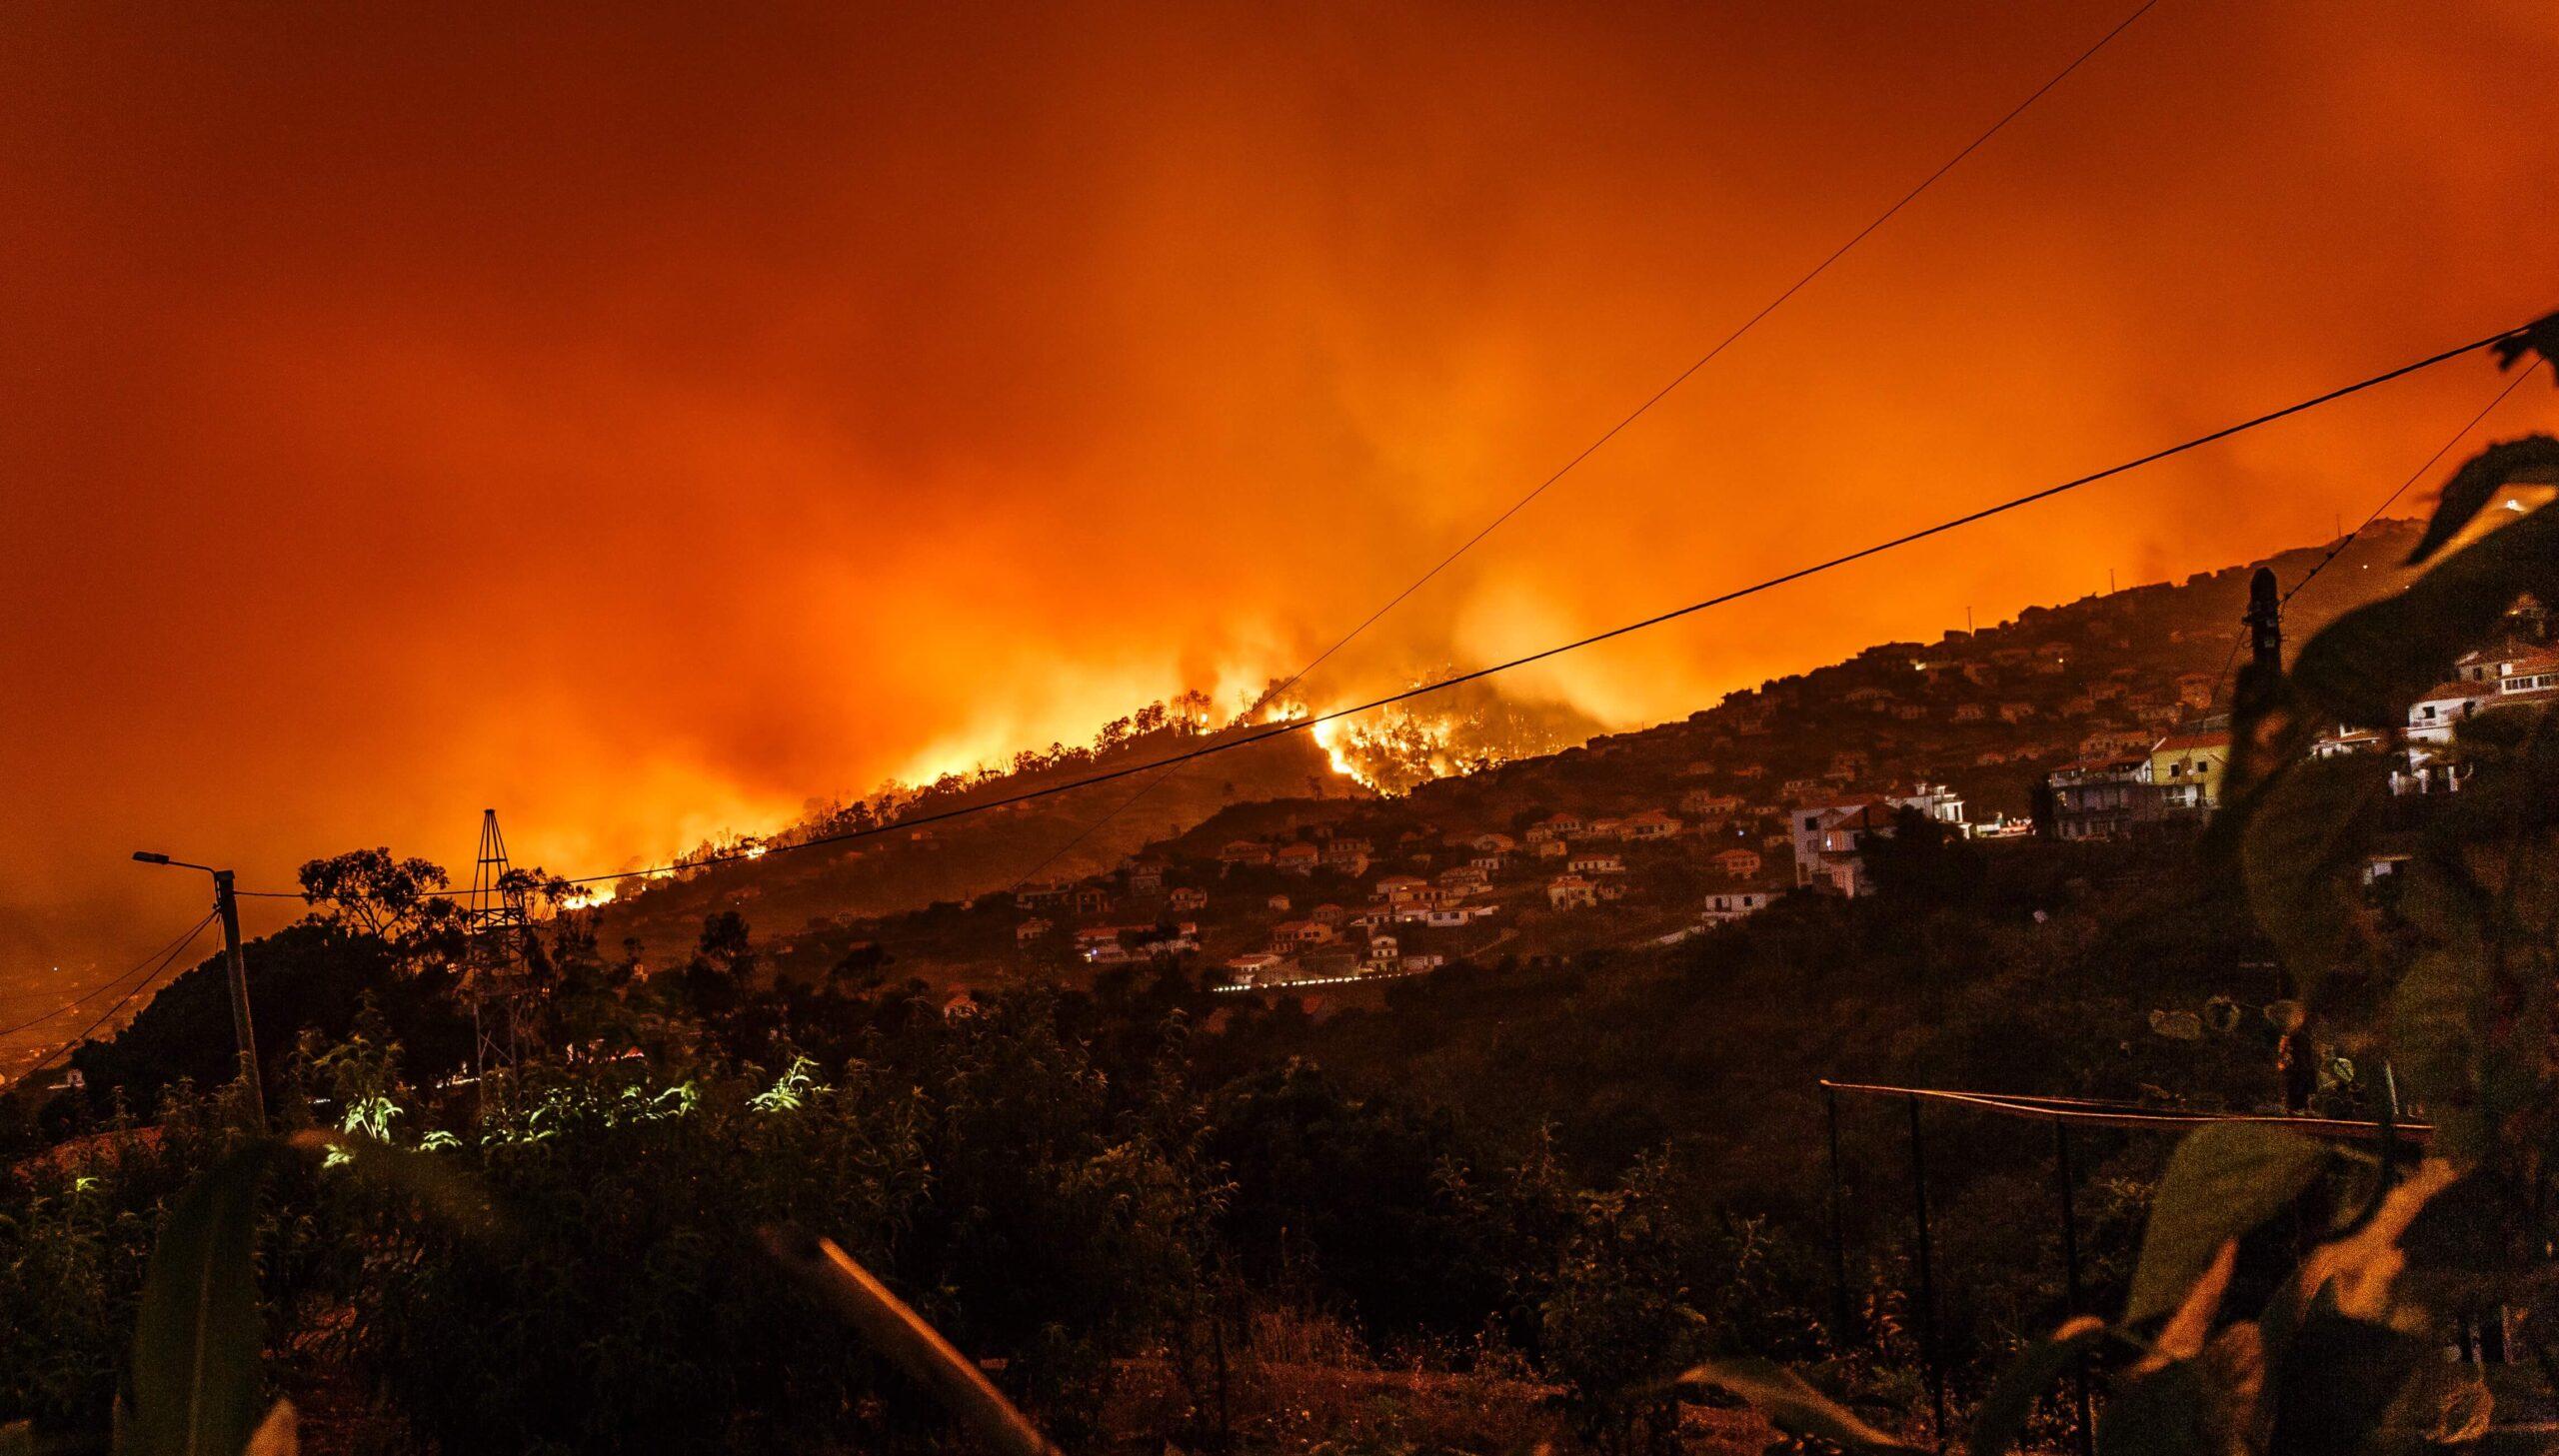 Incendio forestal en Estreito da Calheta, Portugal. Créditos: Michael Held